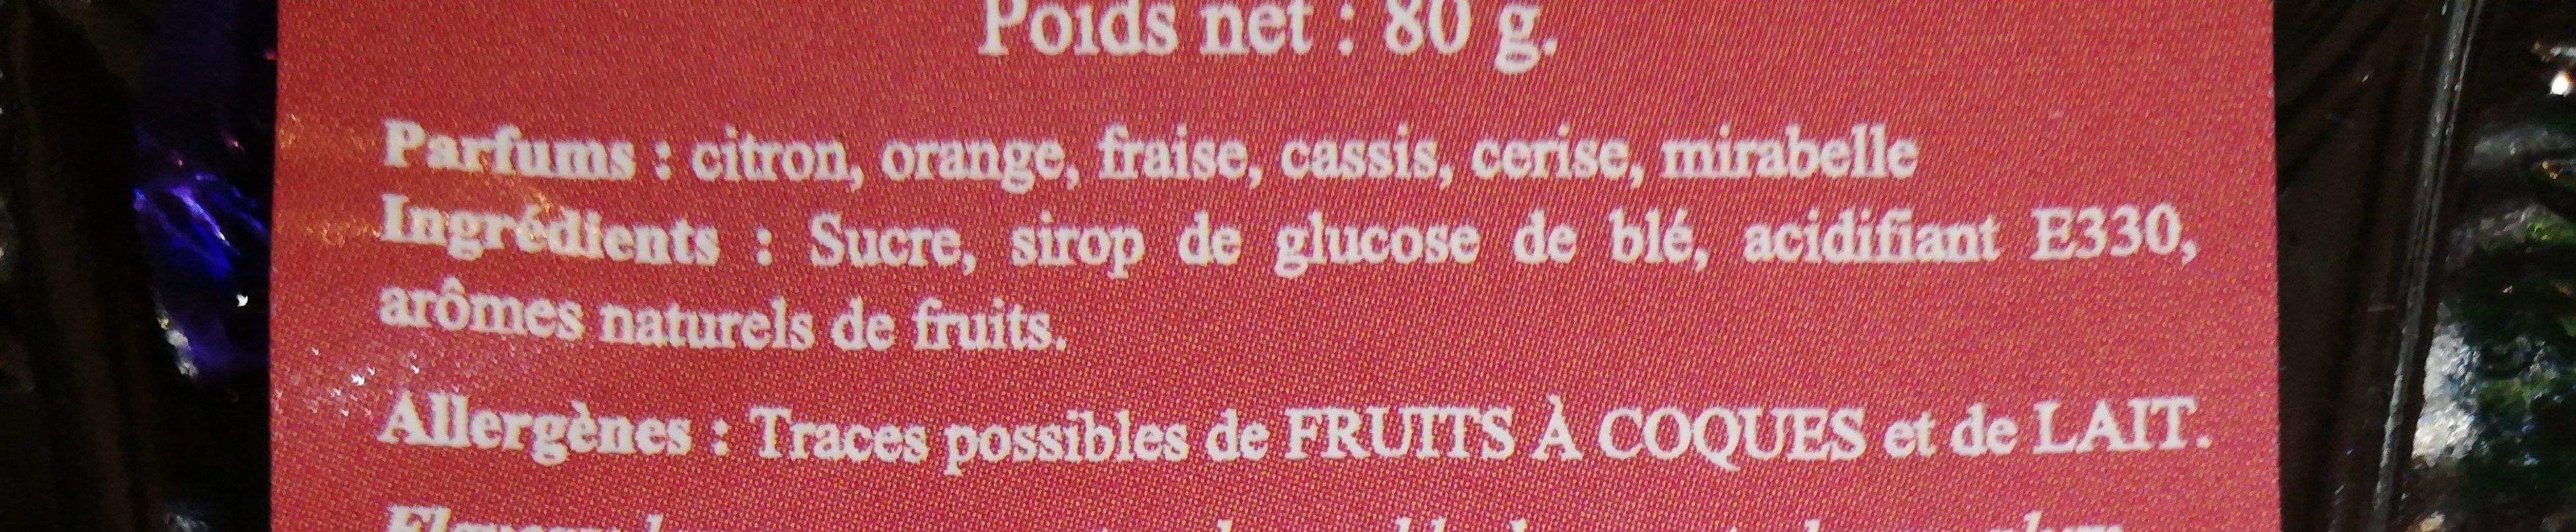 Bonbons de PARIS - Ingrédients